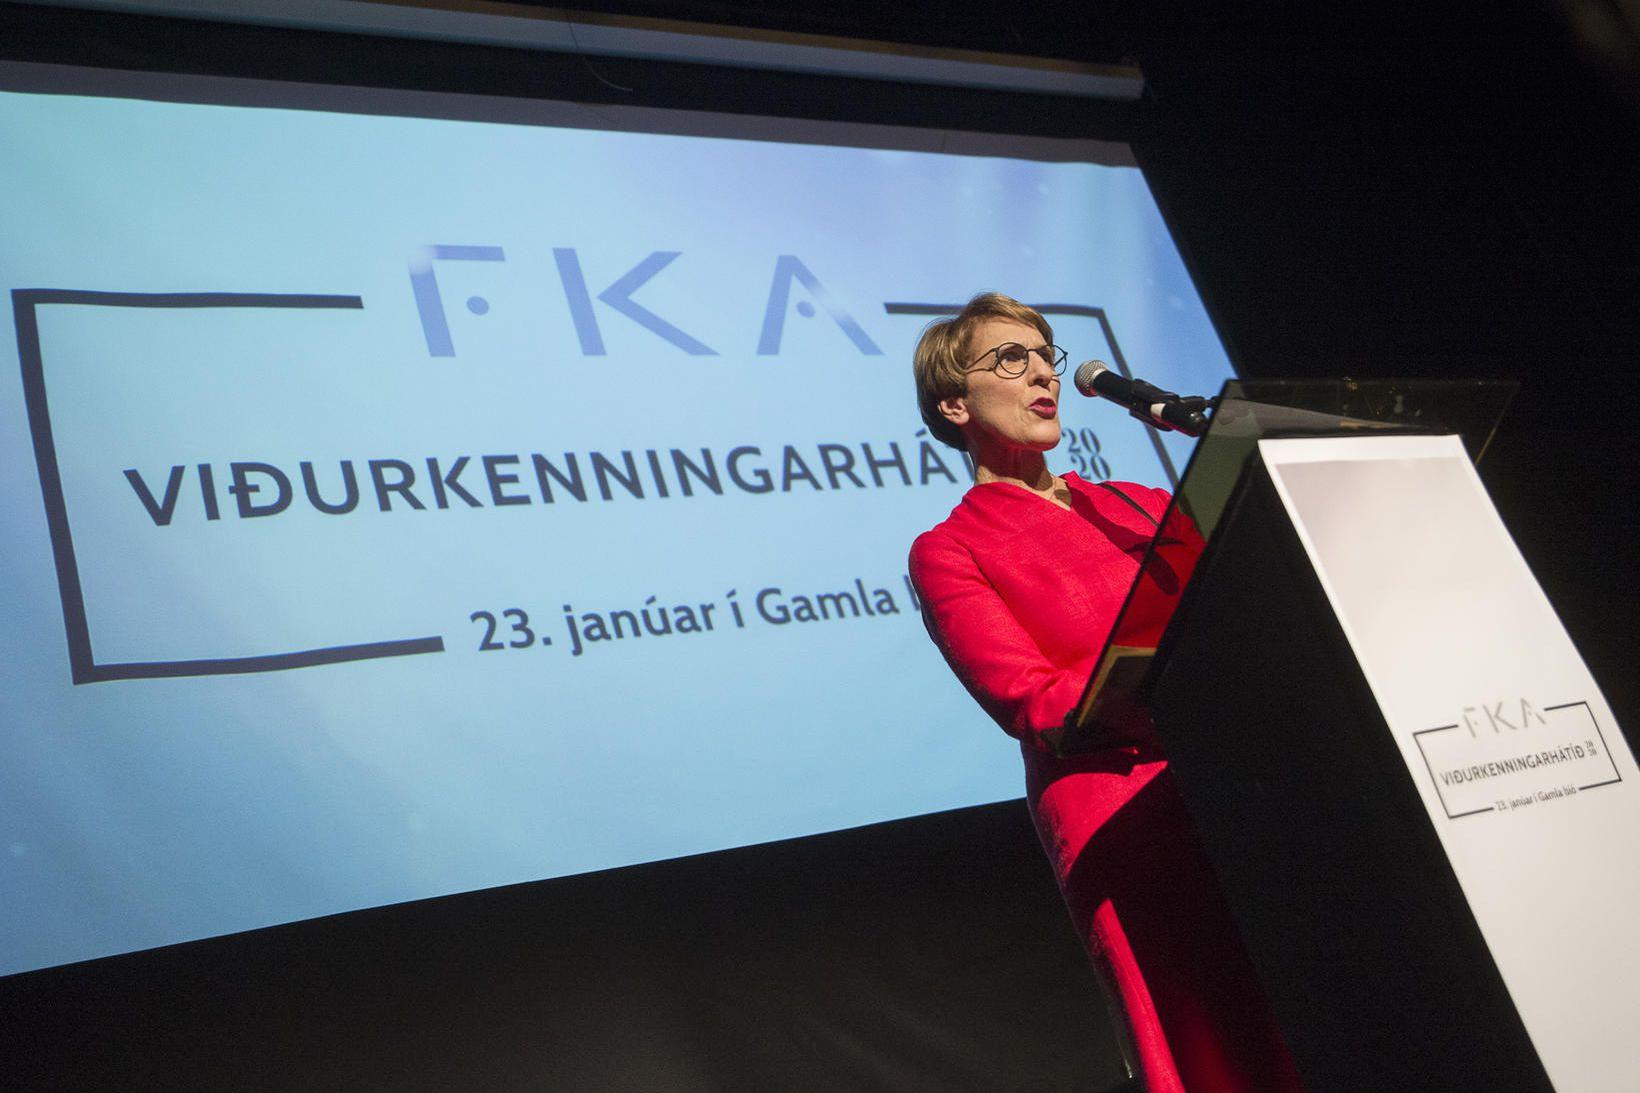 Frá síðustu viðurkenningahátíð FKA, fyrr á þessu ári.